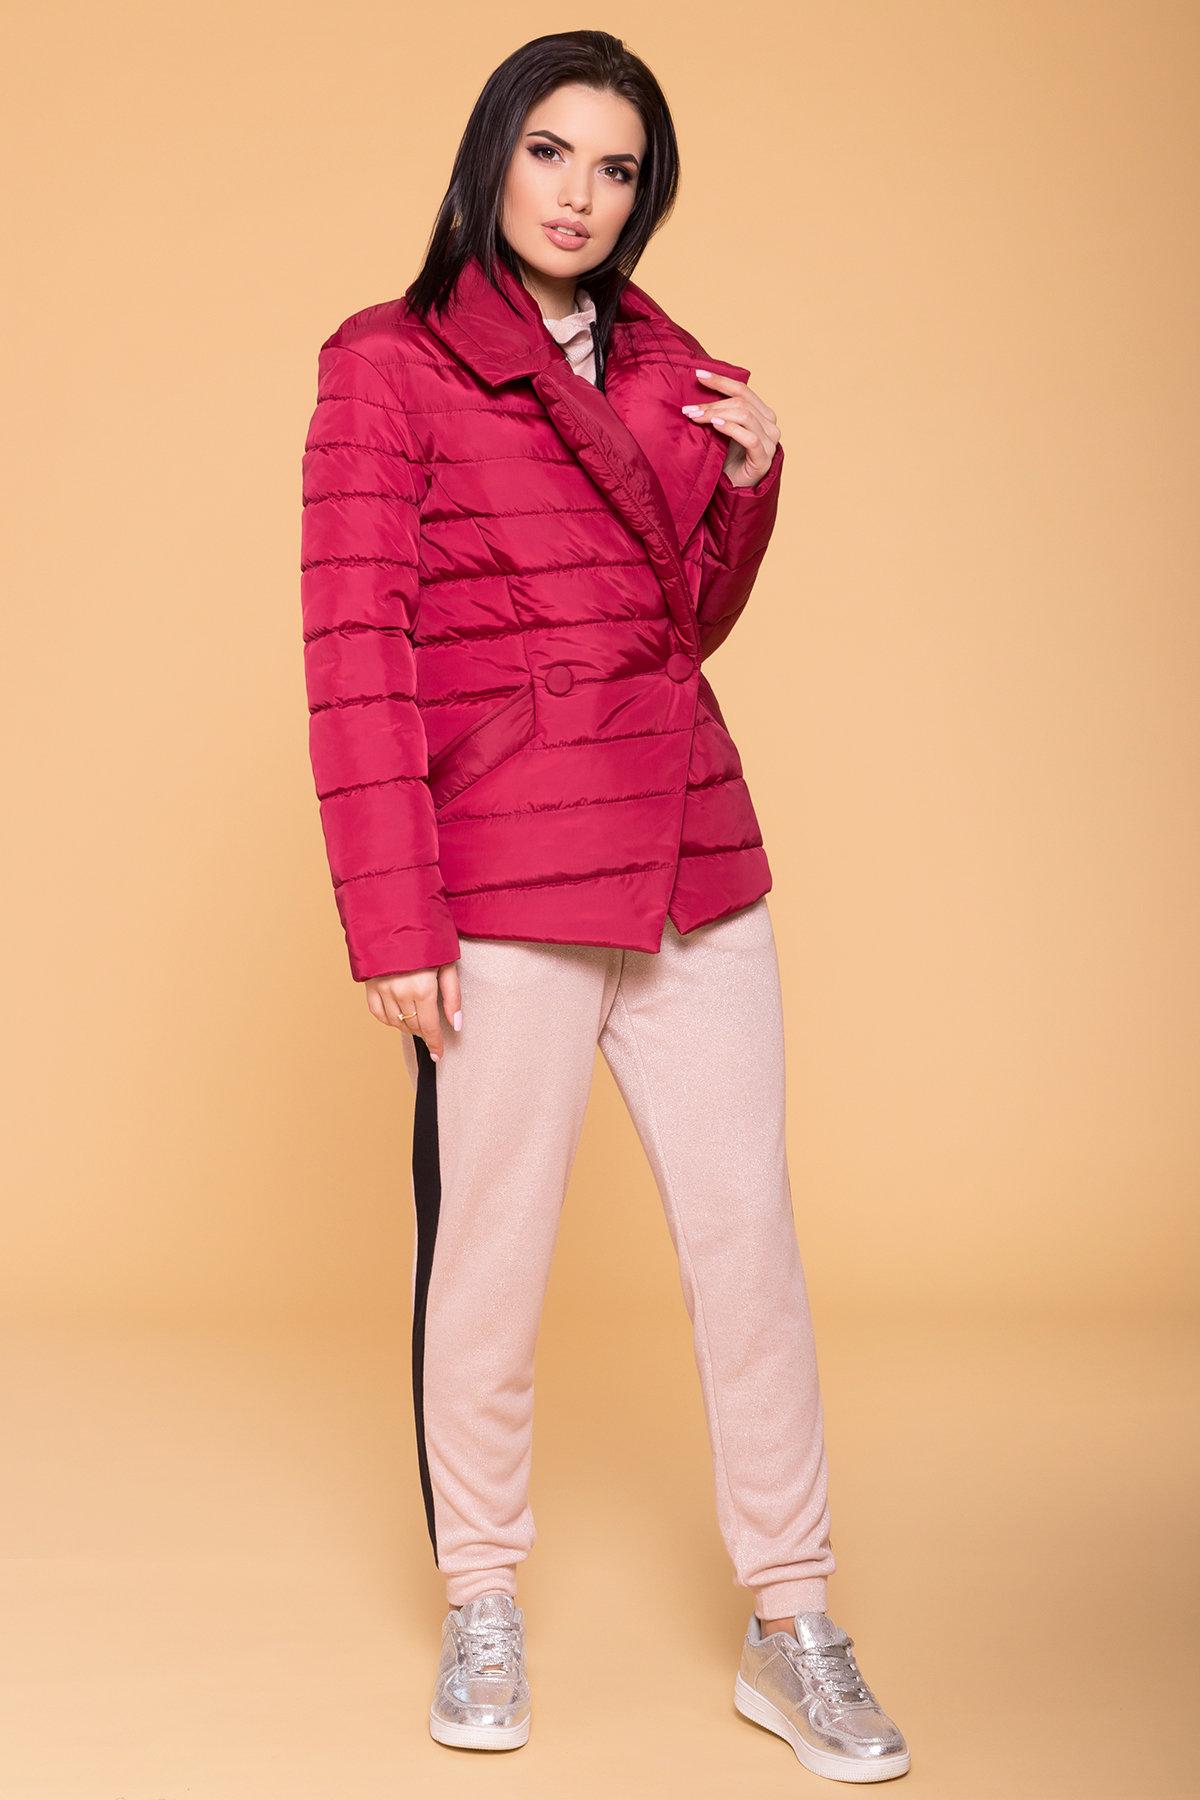 Куртка с отложным воротником Мириам 6414 АРТ. 41383 Цвет: Марсала - фото 4, интернет магазин tm-modus.ru